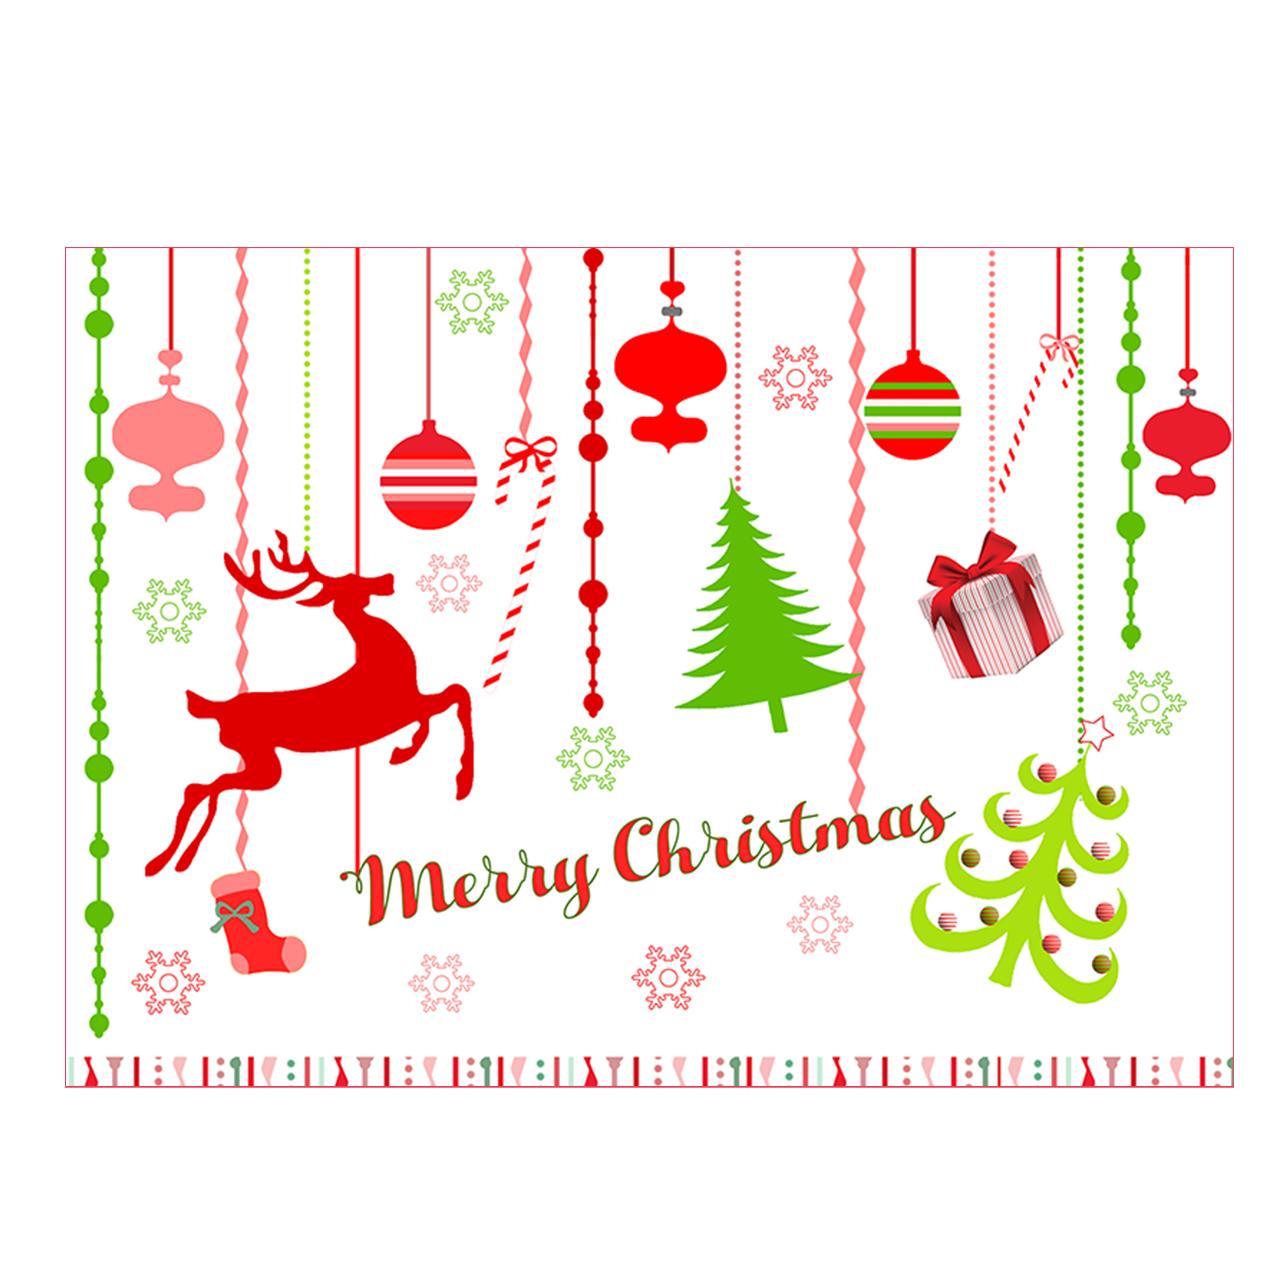 کارت پستال طرح گوزن کریسمس کد 01ccdeer